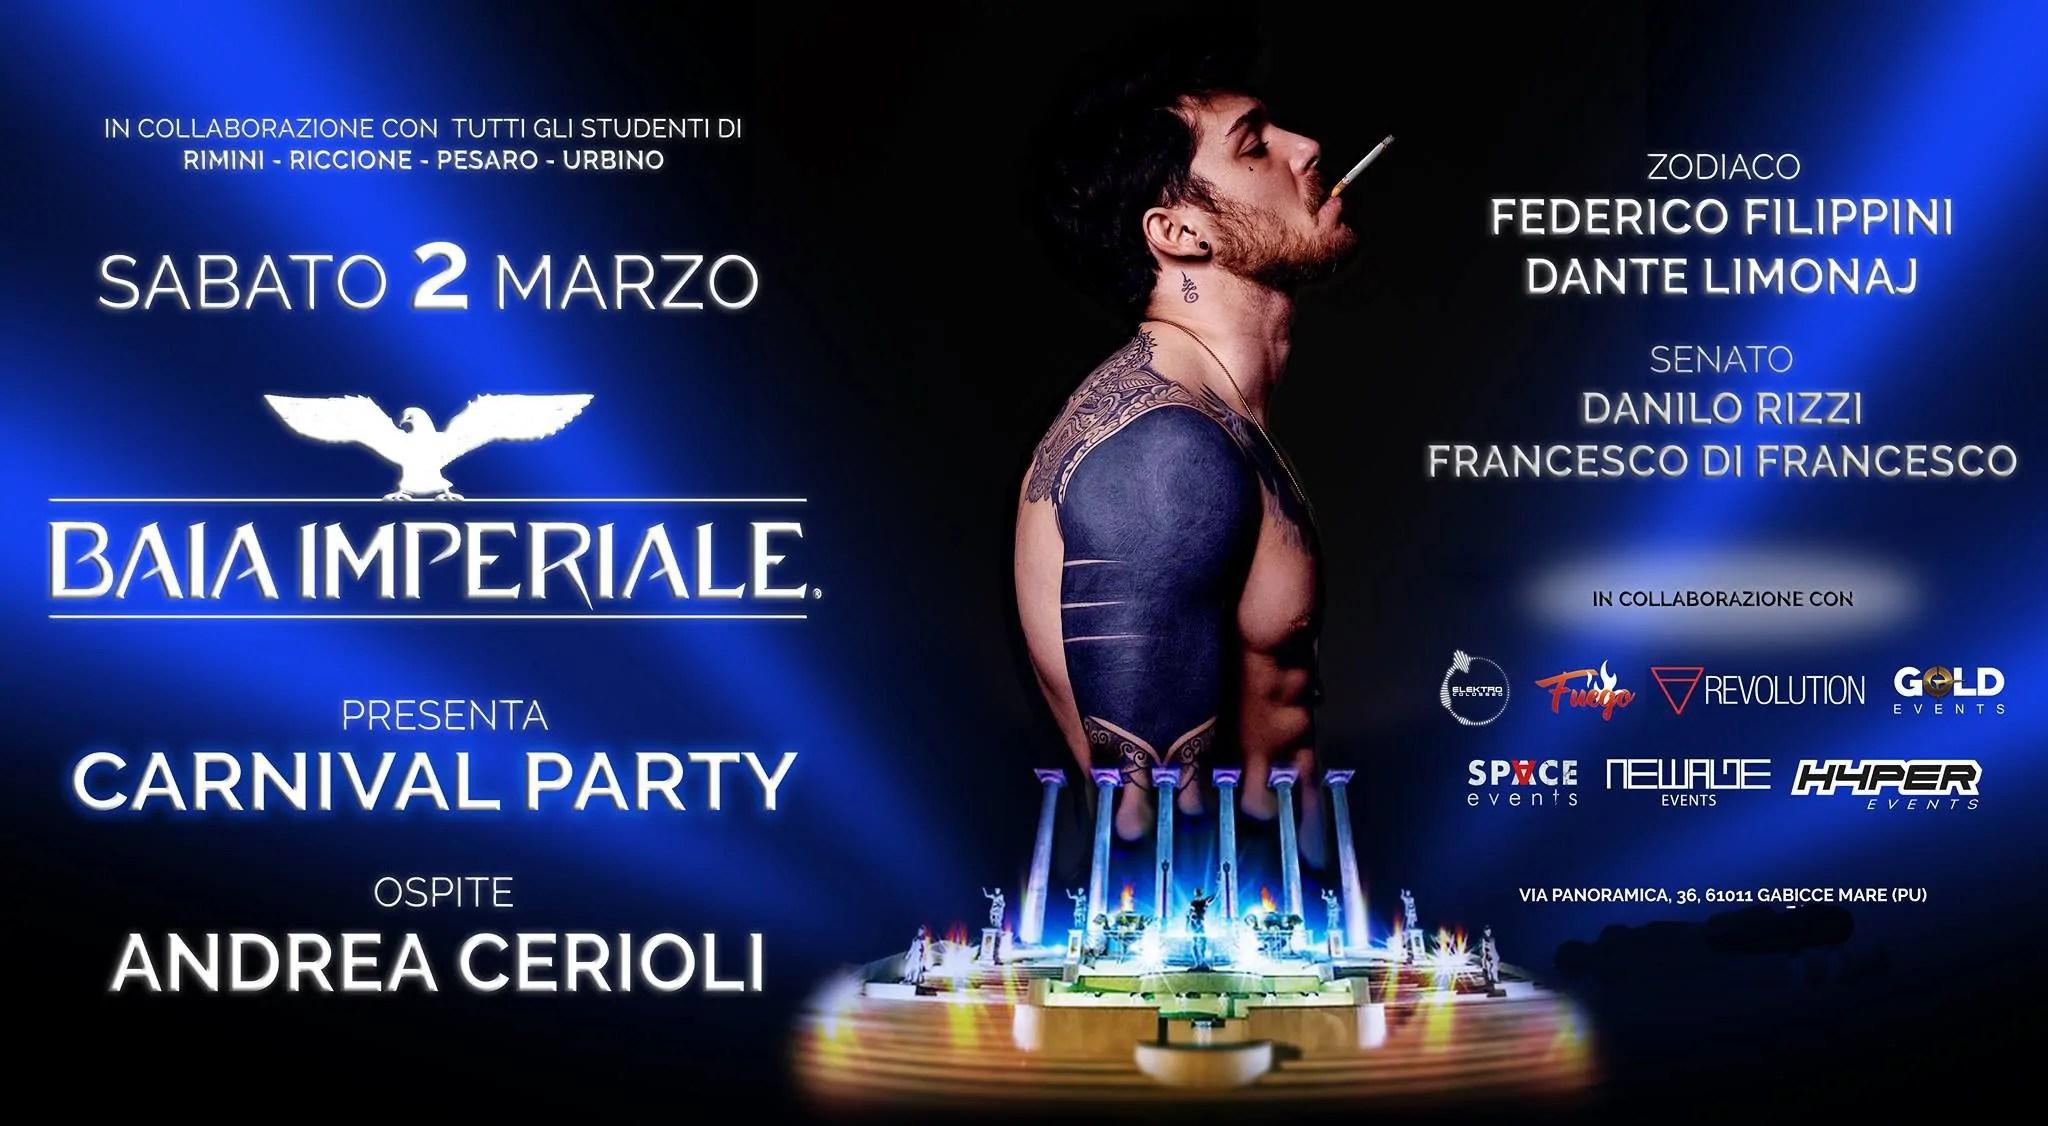 Baia Imperiale Sabato 02 Marzo 2019 Party di Carnevale